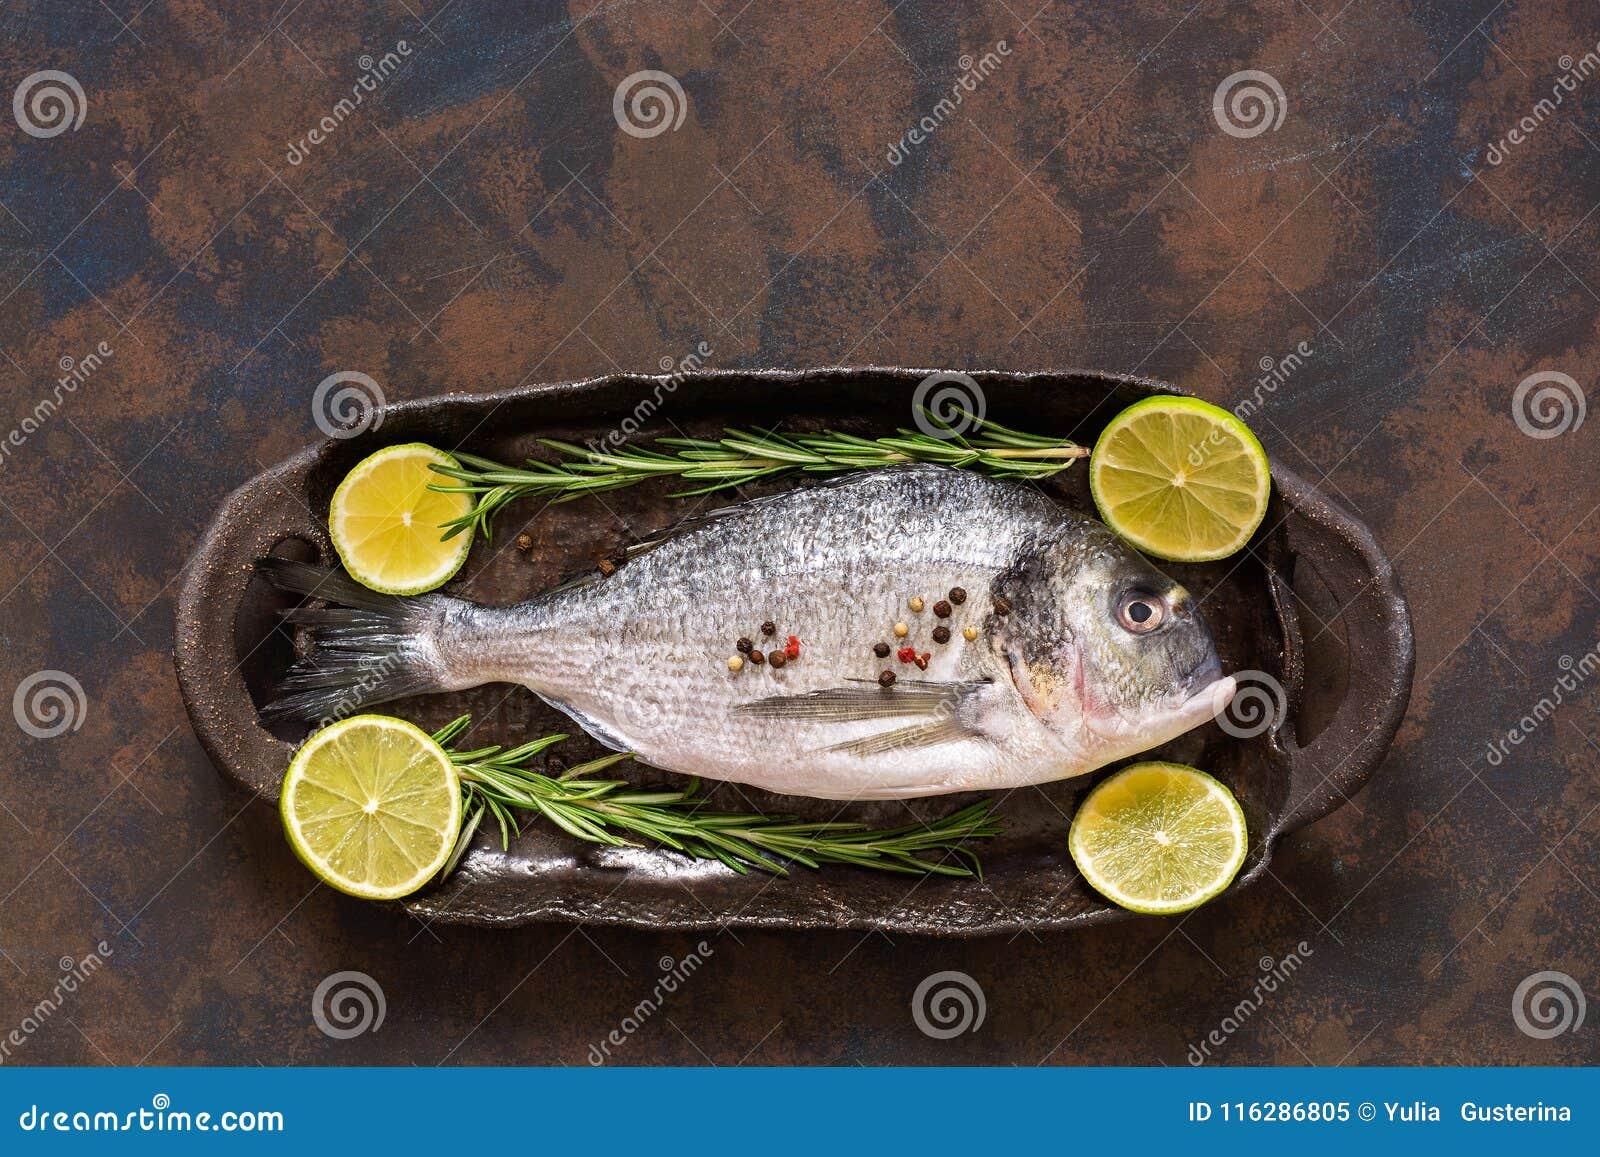 Ακατέργαστα φρέσκα ψάρια με τις φέτες και το δεντρολίβανο ασβέστη Μια τοπ άποψη, μια θέση για το κείμενό σας ή διαφήμιση